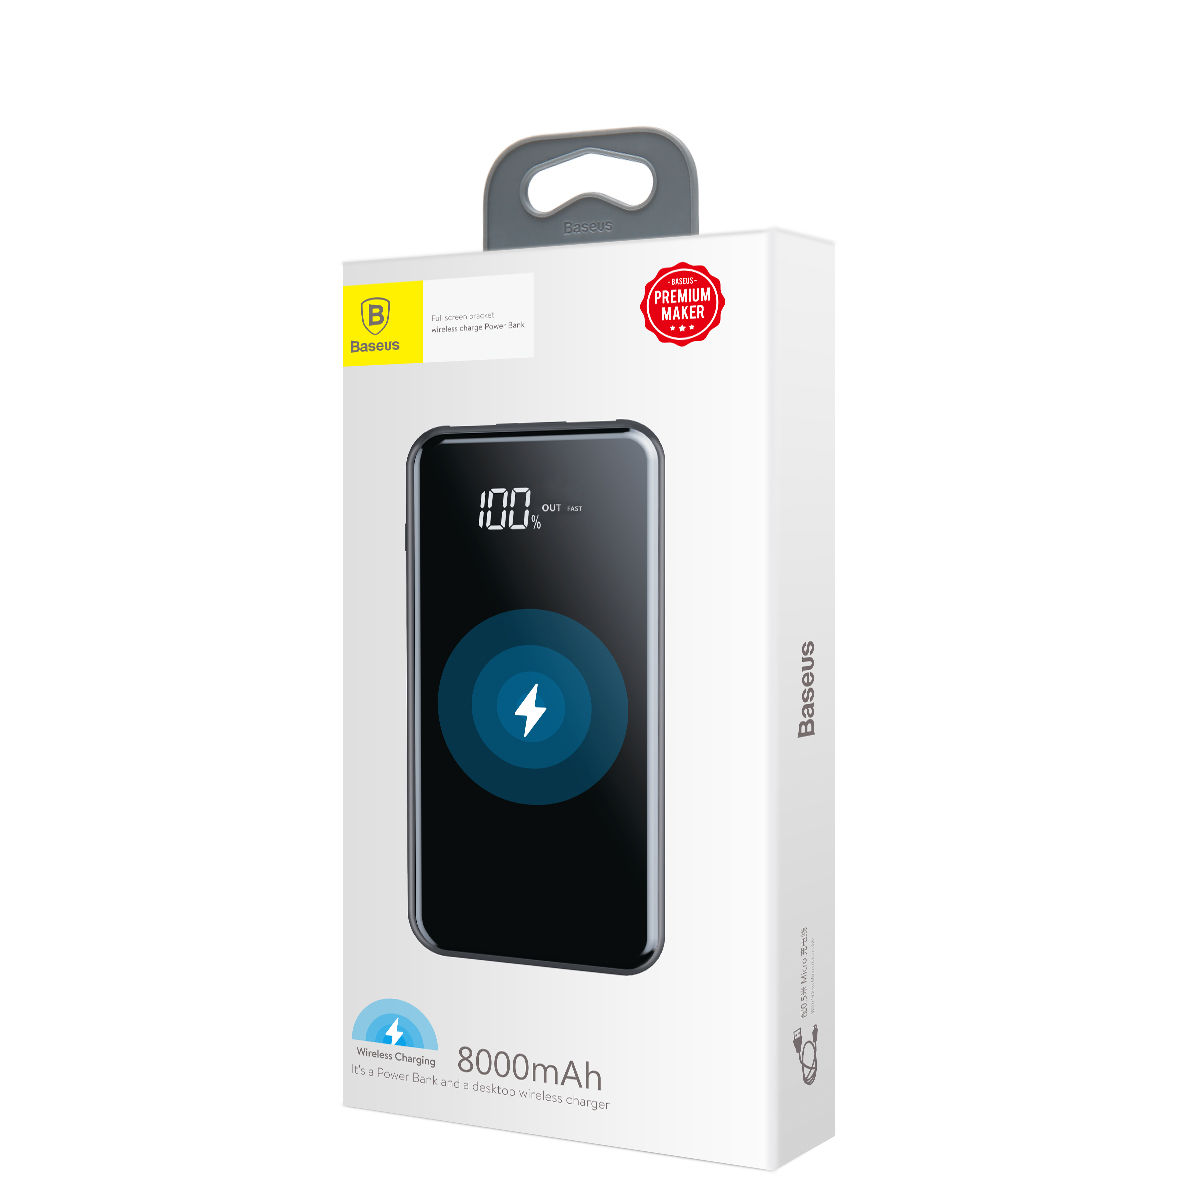 Портативное зарядное устройство Baseus full screen bracket wireless charge Power Bank 8000mAh черный